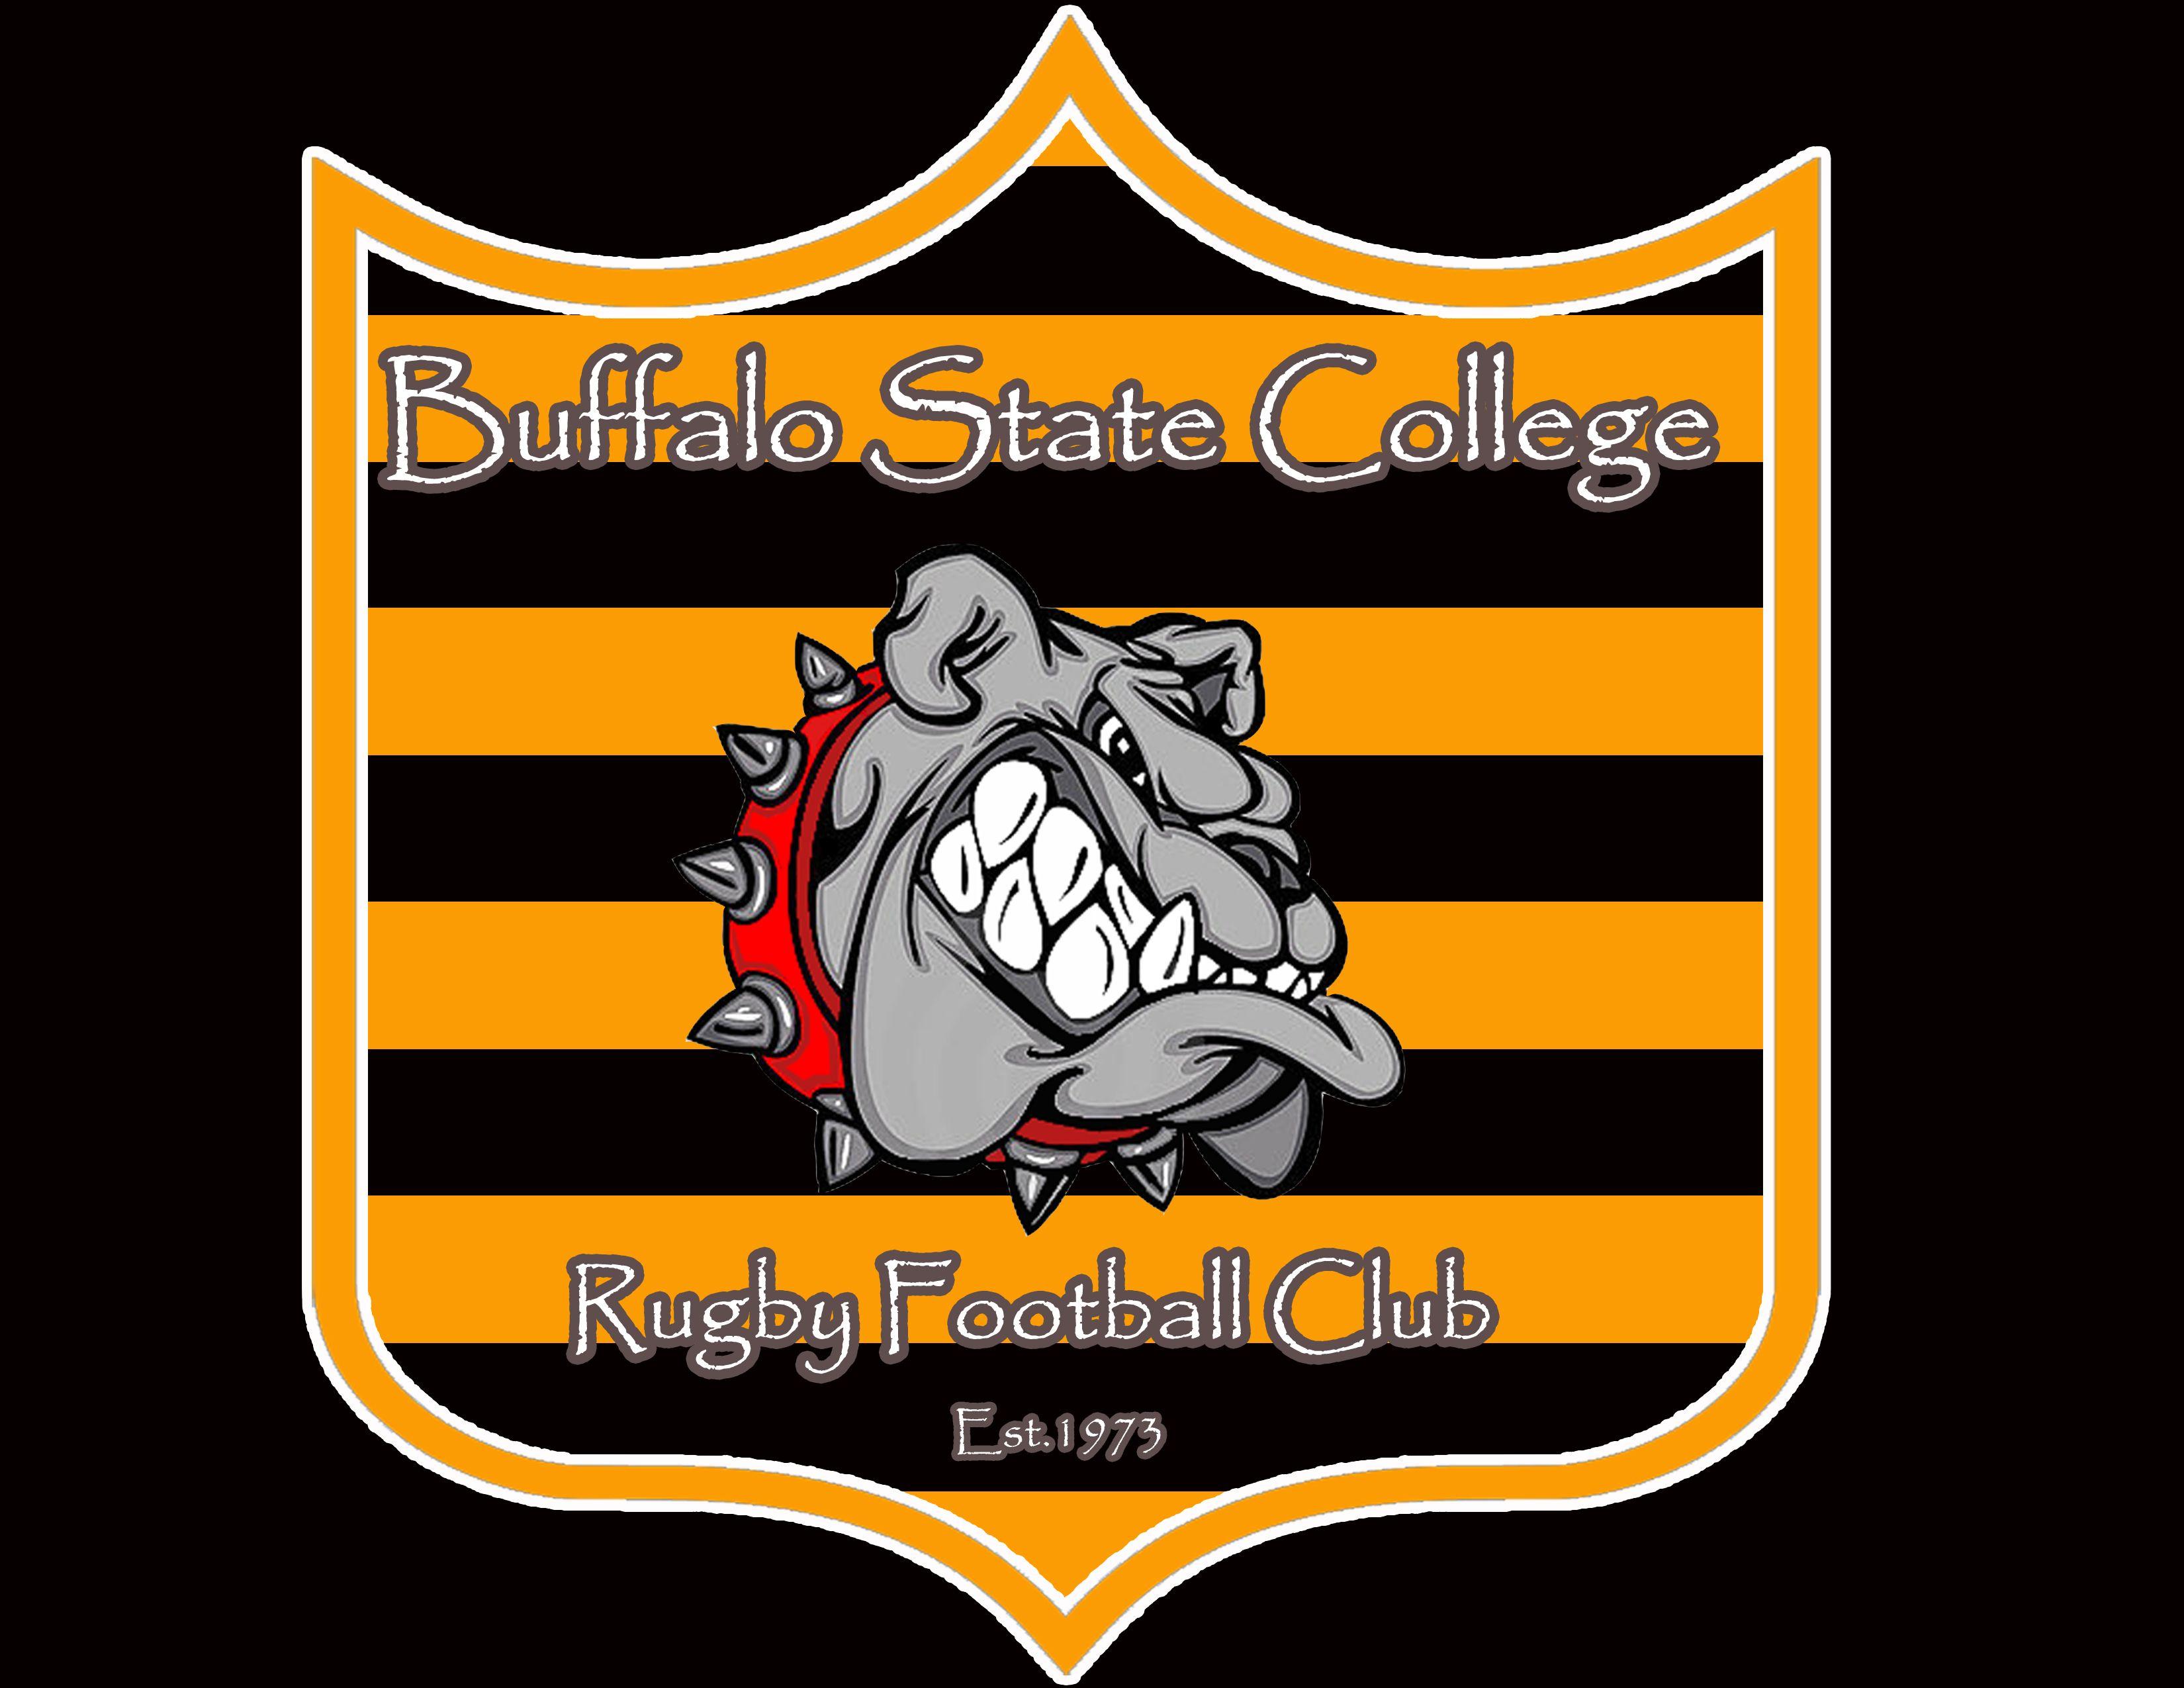 Buffalo State Rugby Football Club Logo Football Club Rugby Football